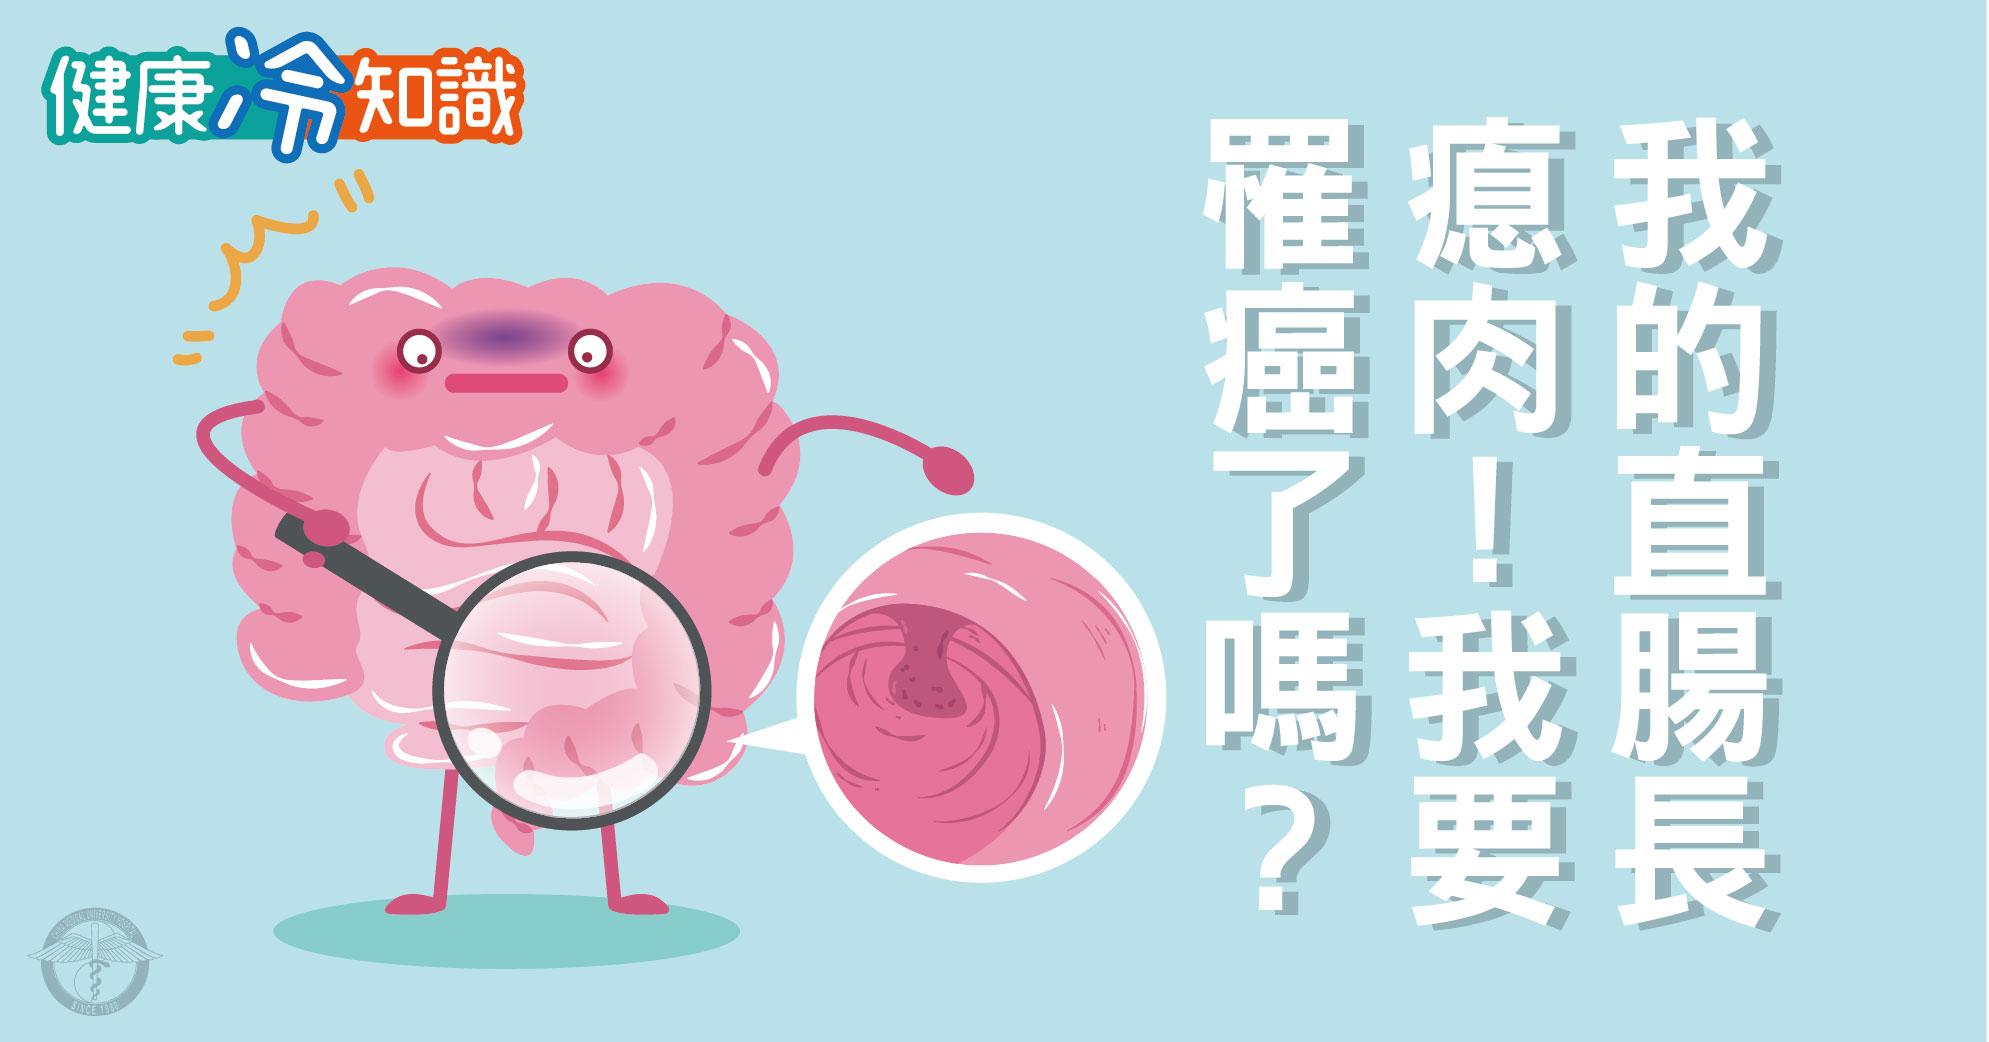 【健康冷知識】我的直腸長瘜肉!我要罹癌了嗎?